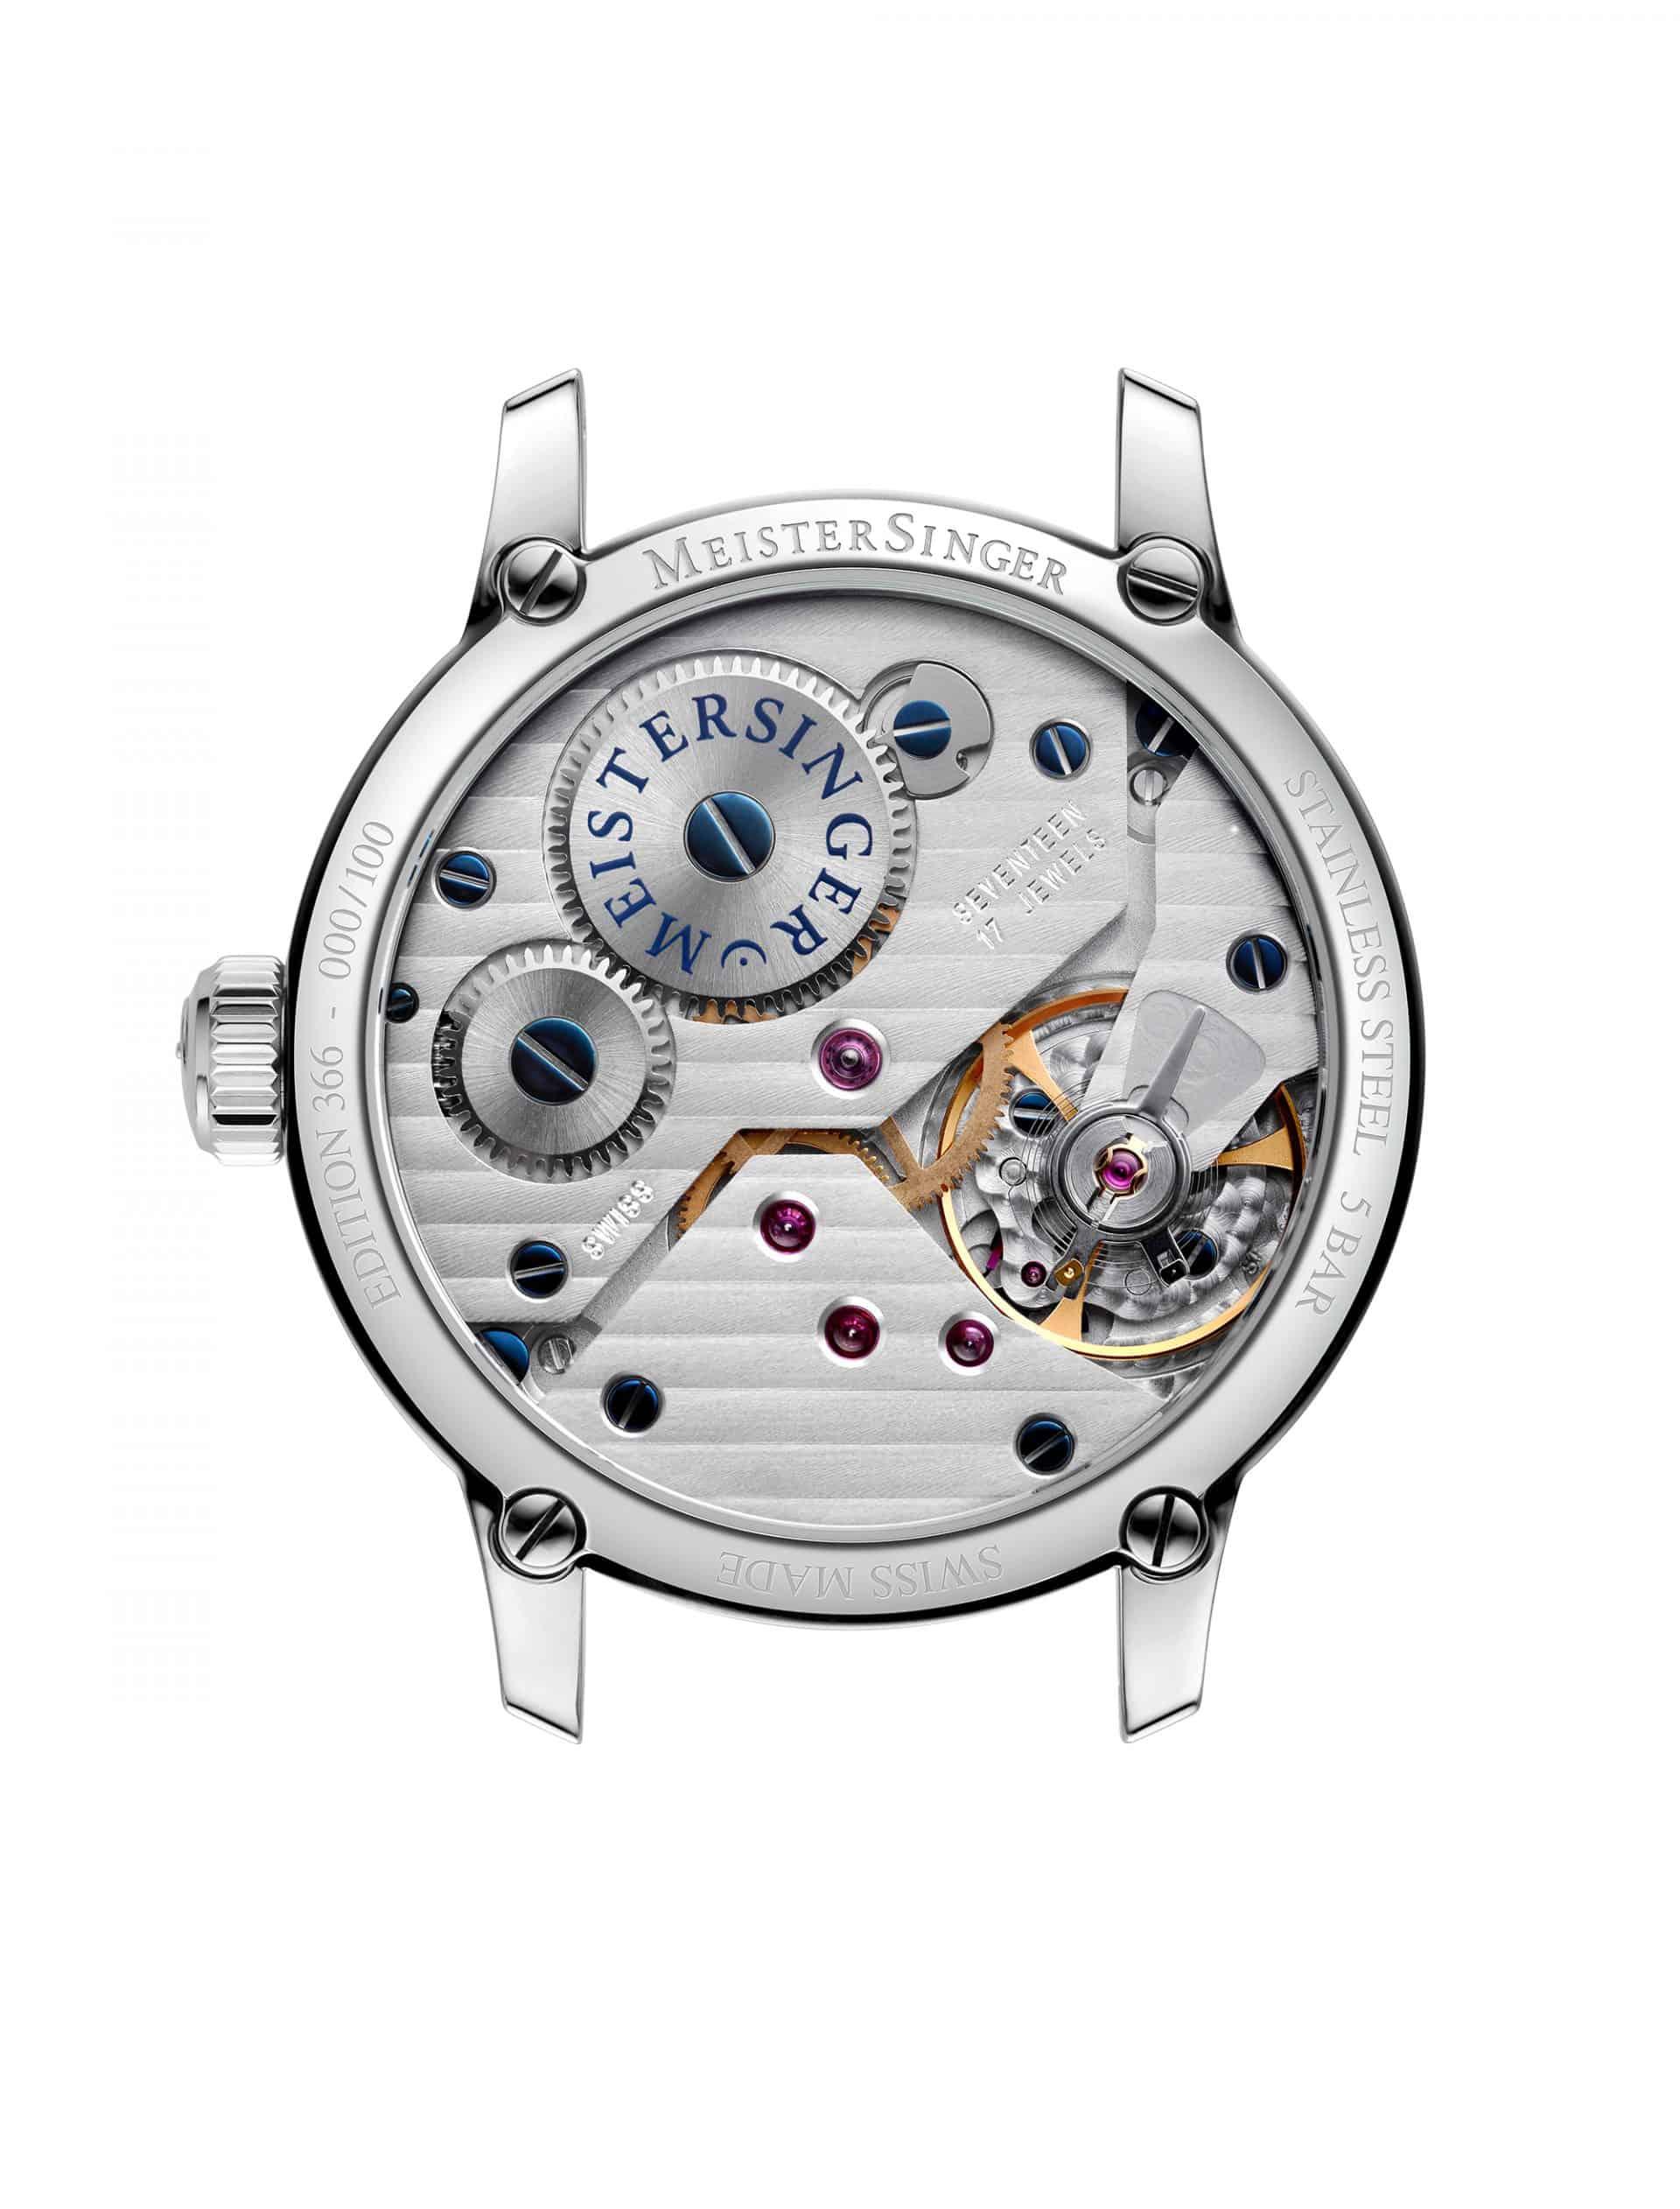 Die MeisterSinger Edition 366 mit dem Handaufzugskaliber Unitas 6498 sowie dekoriertem großen Uhrwerk mit Streifenschliff und gebläuten Schrauben.